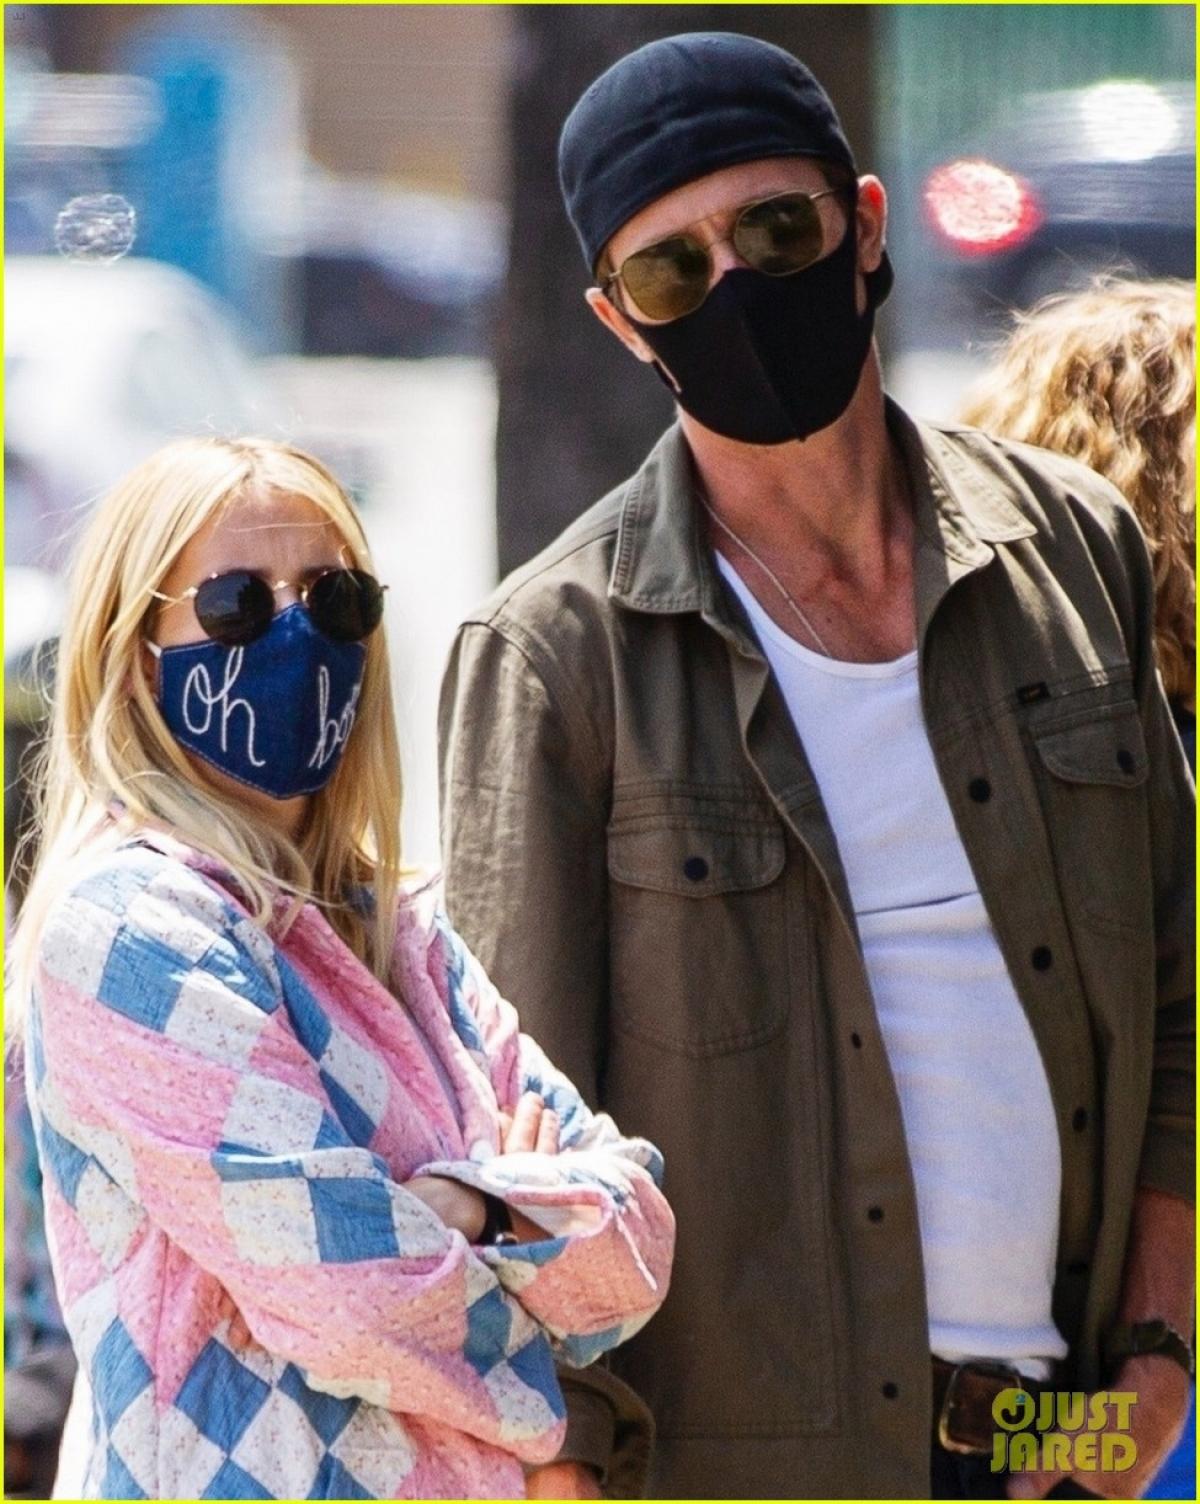 Nữ diễn viên diện áo khoác dáng dài sang chảnh, đeo khẩu trang cẩn thận ra phố.